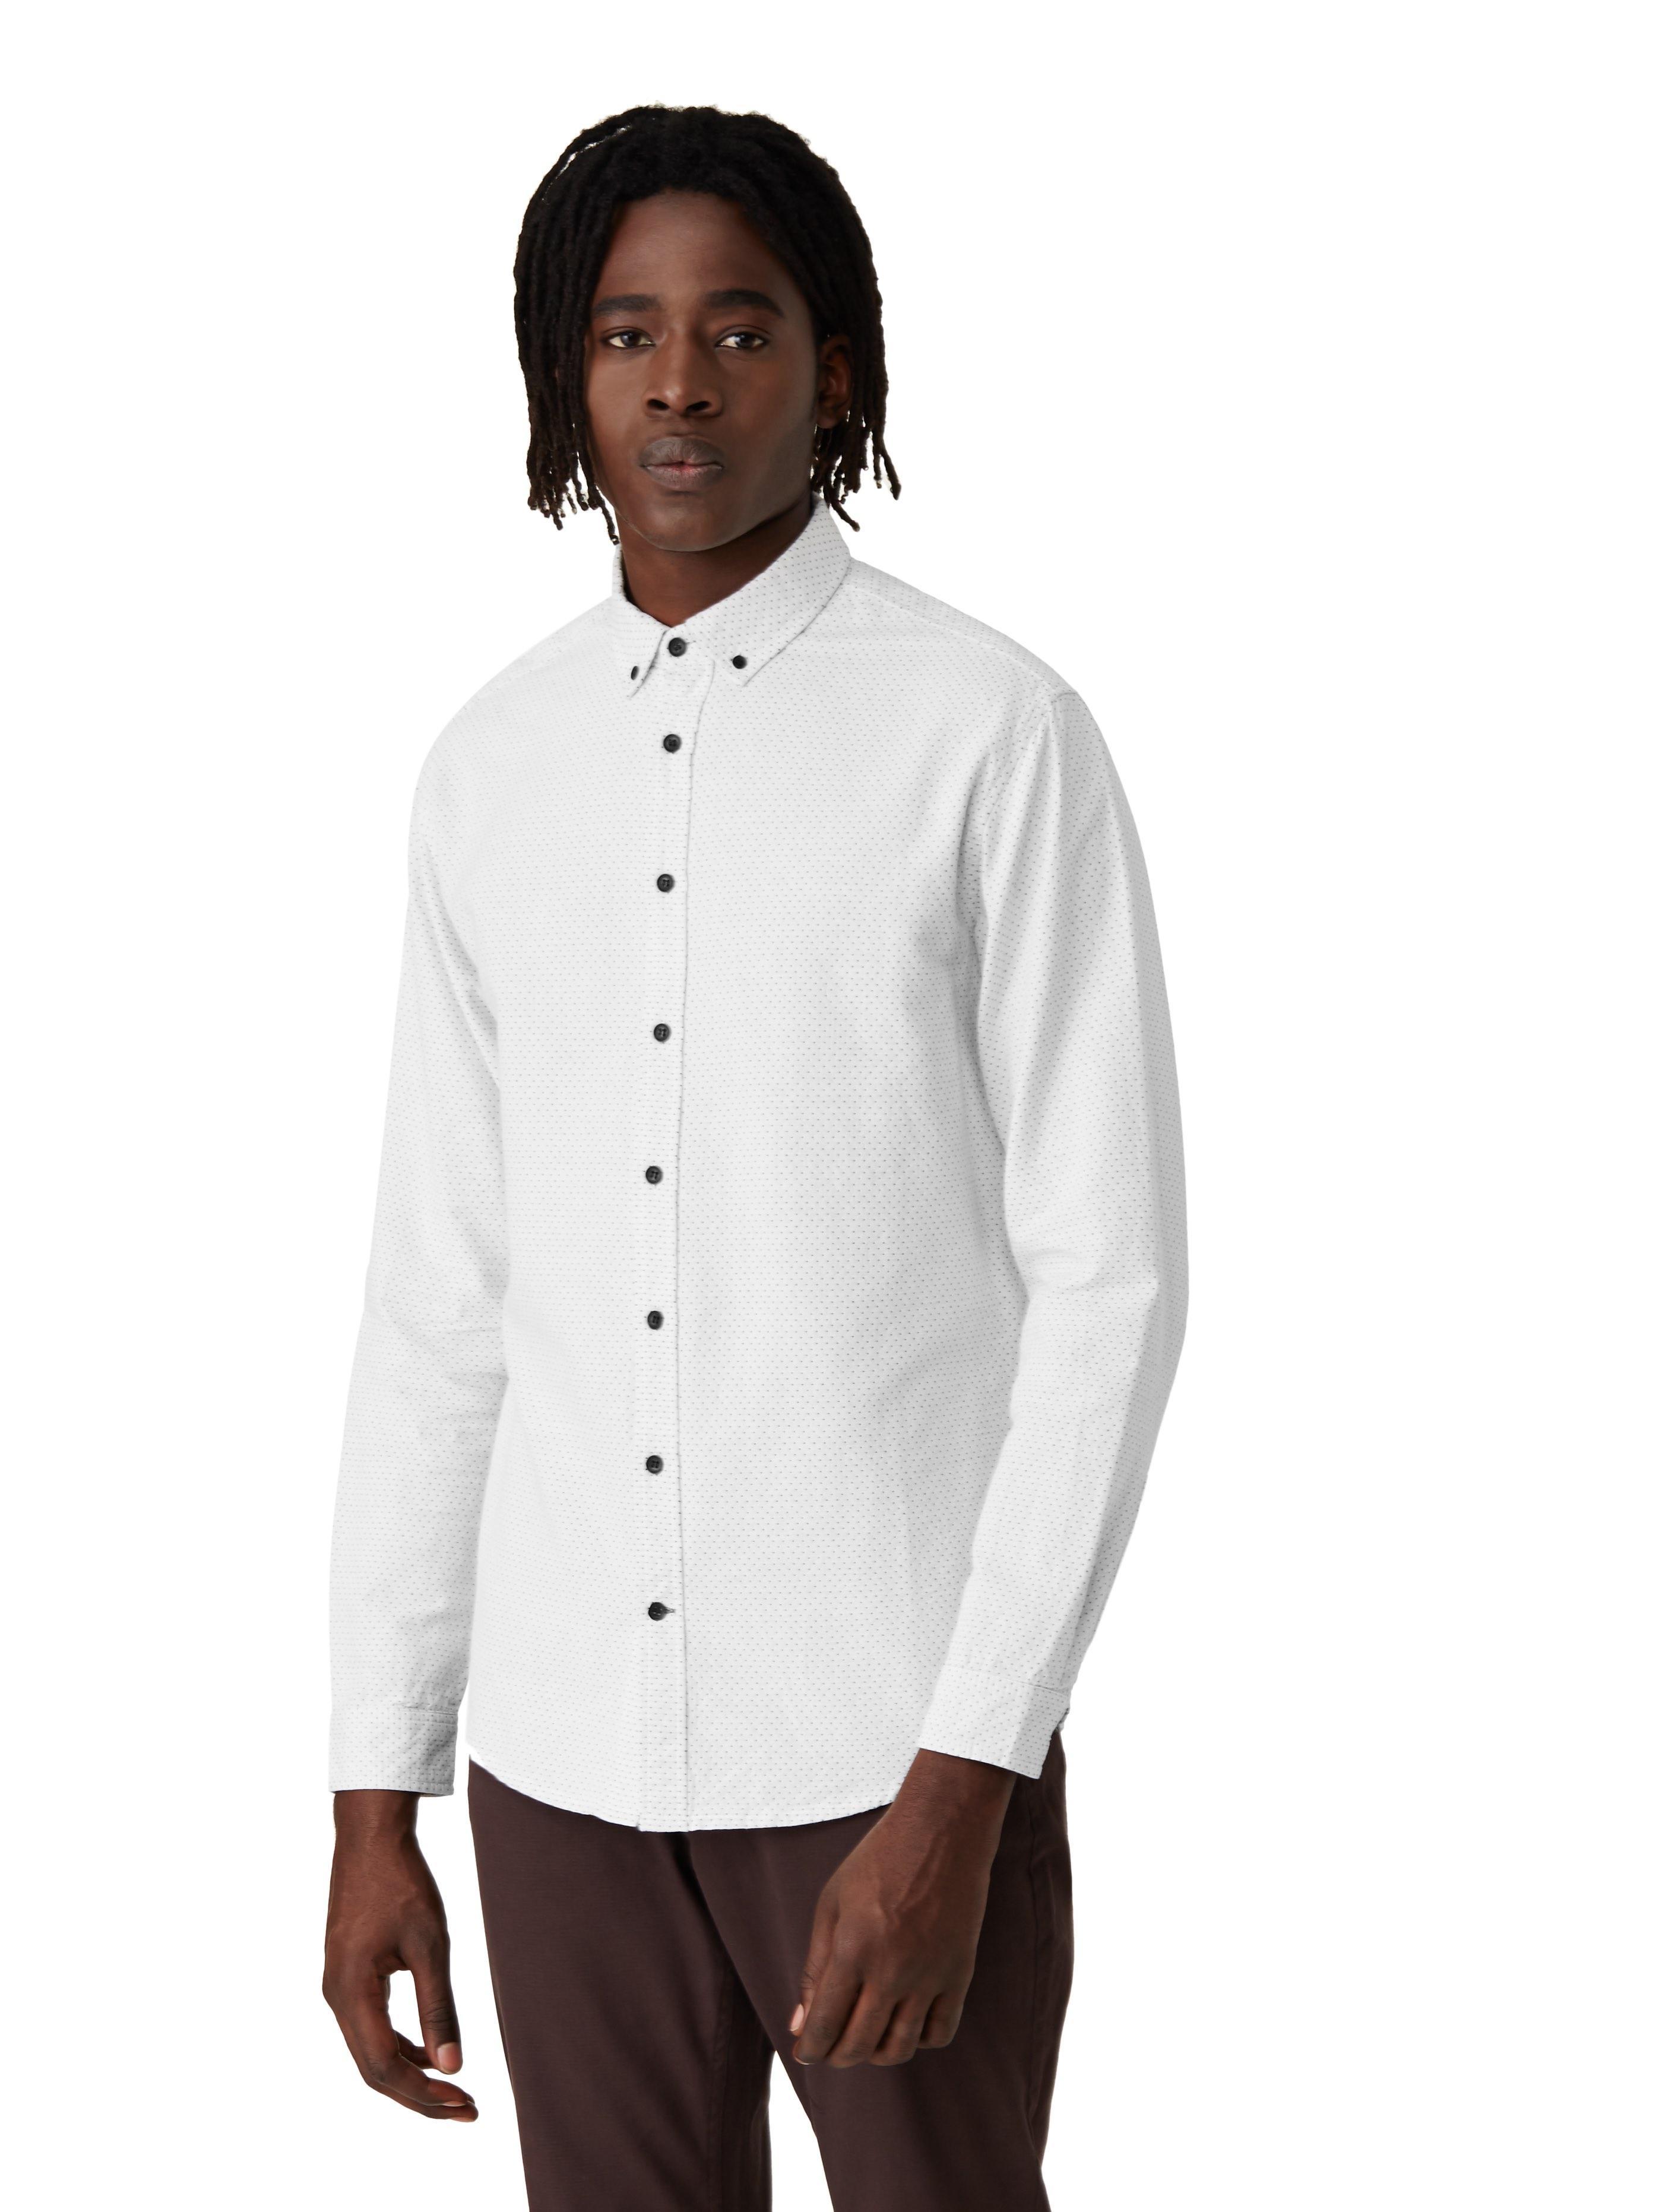 Frank oak woven dot shirt in off white in white for men for Frank and oak shirt